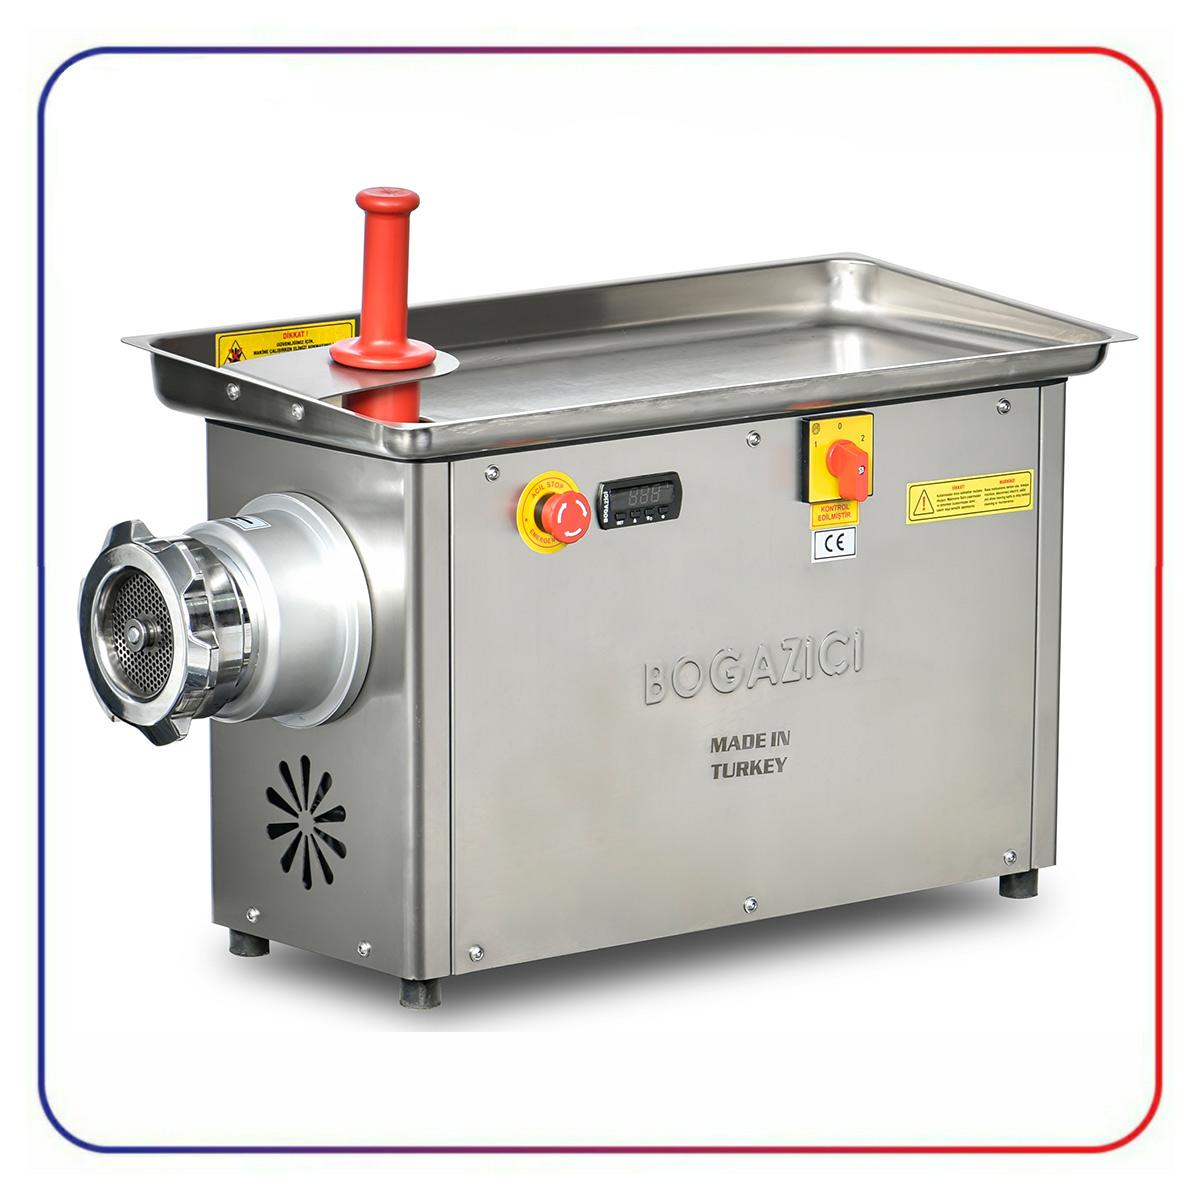 چرخ گوشت بوگازیچی 32 مدل BOGAZICI BPKM 32